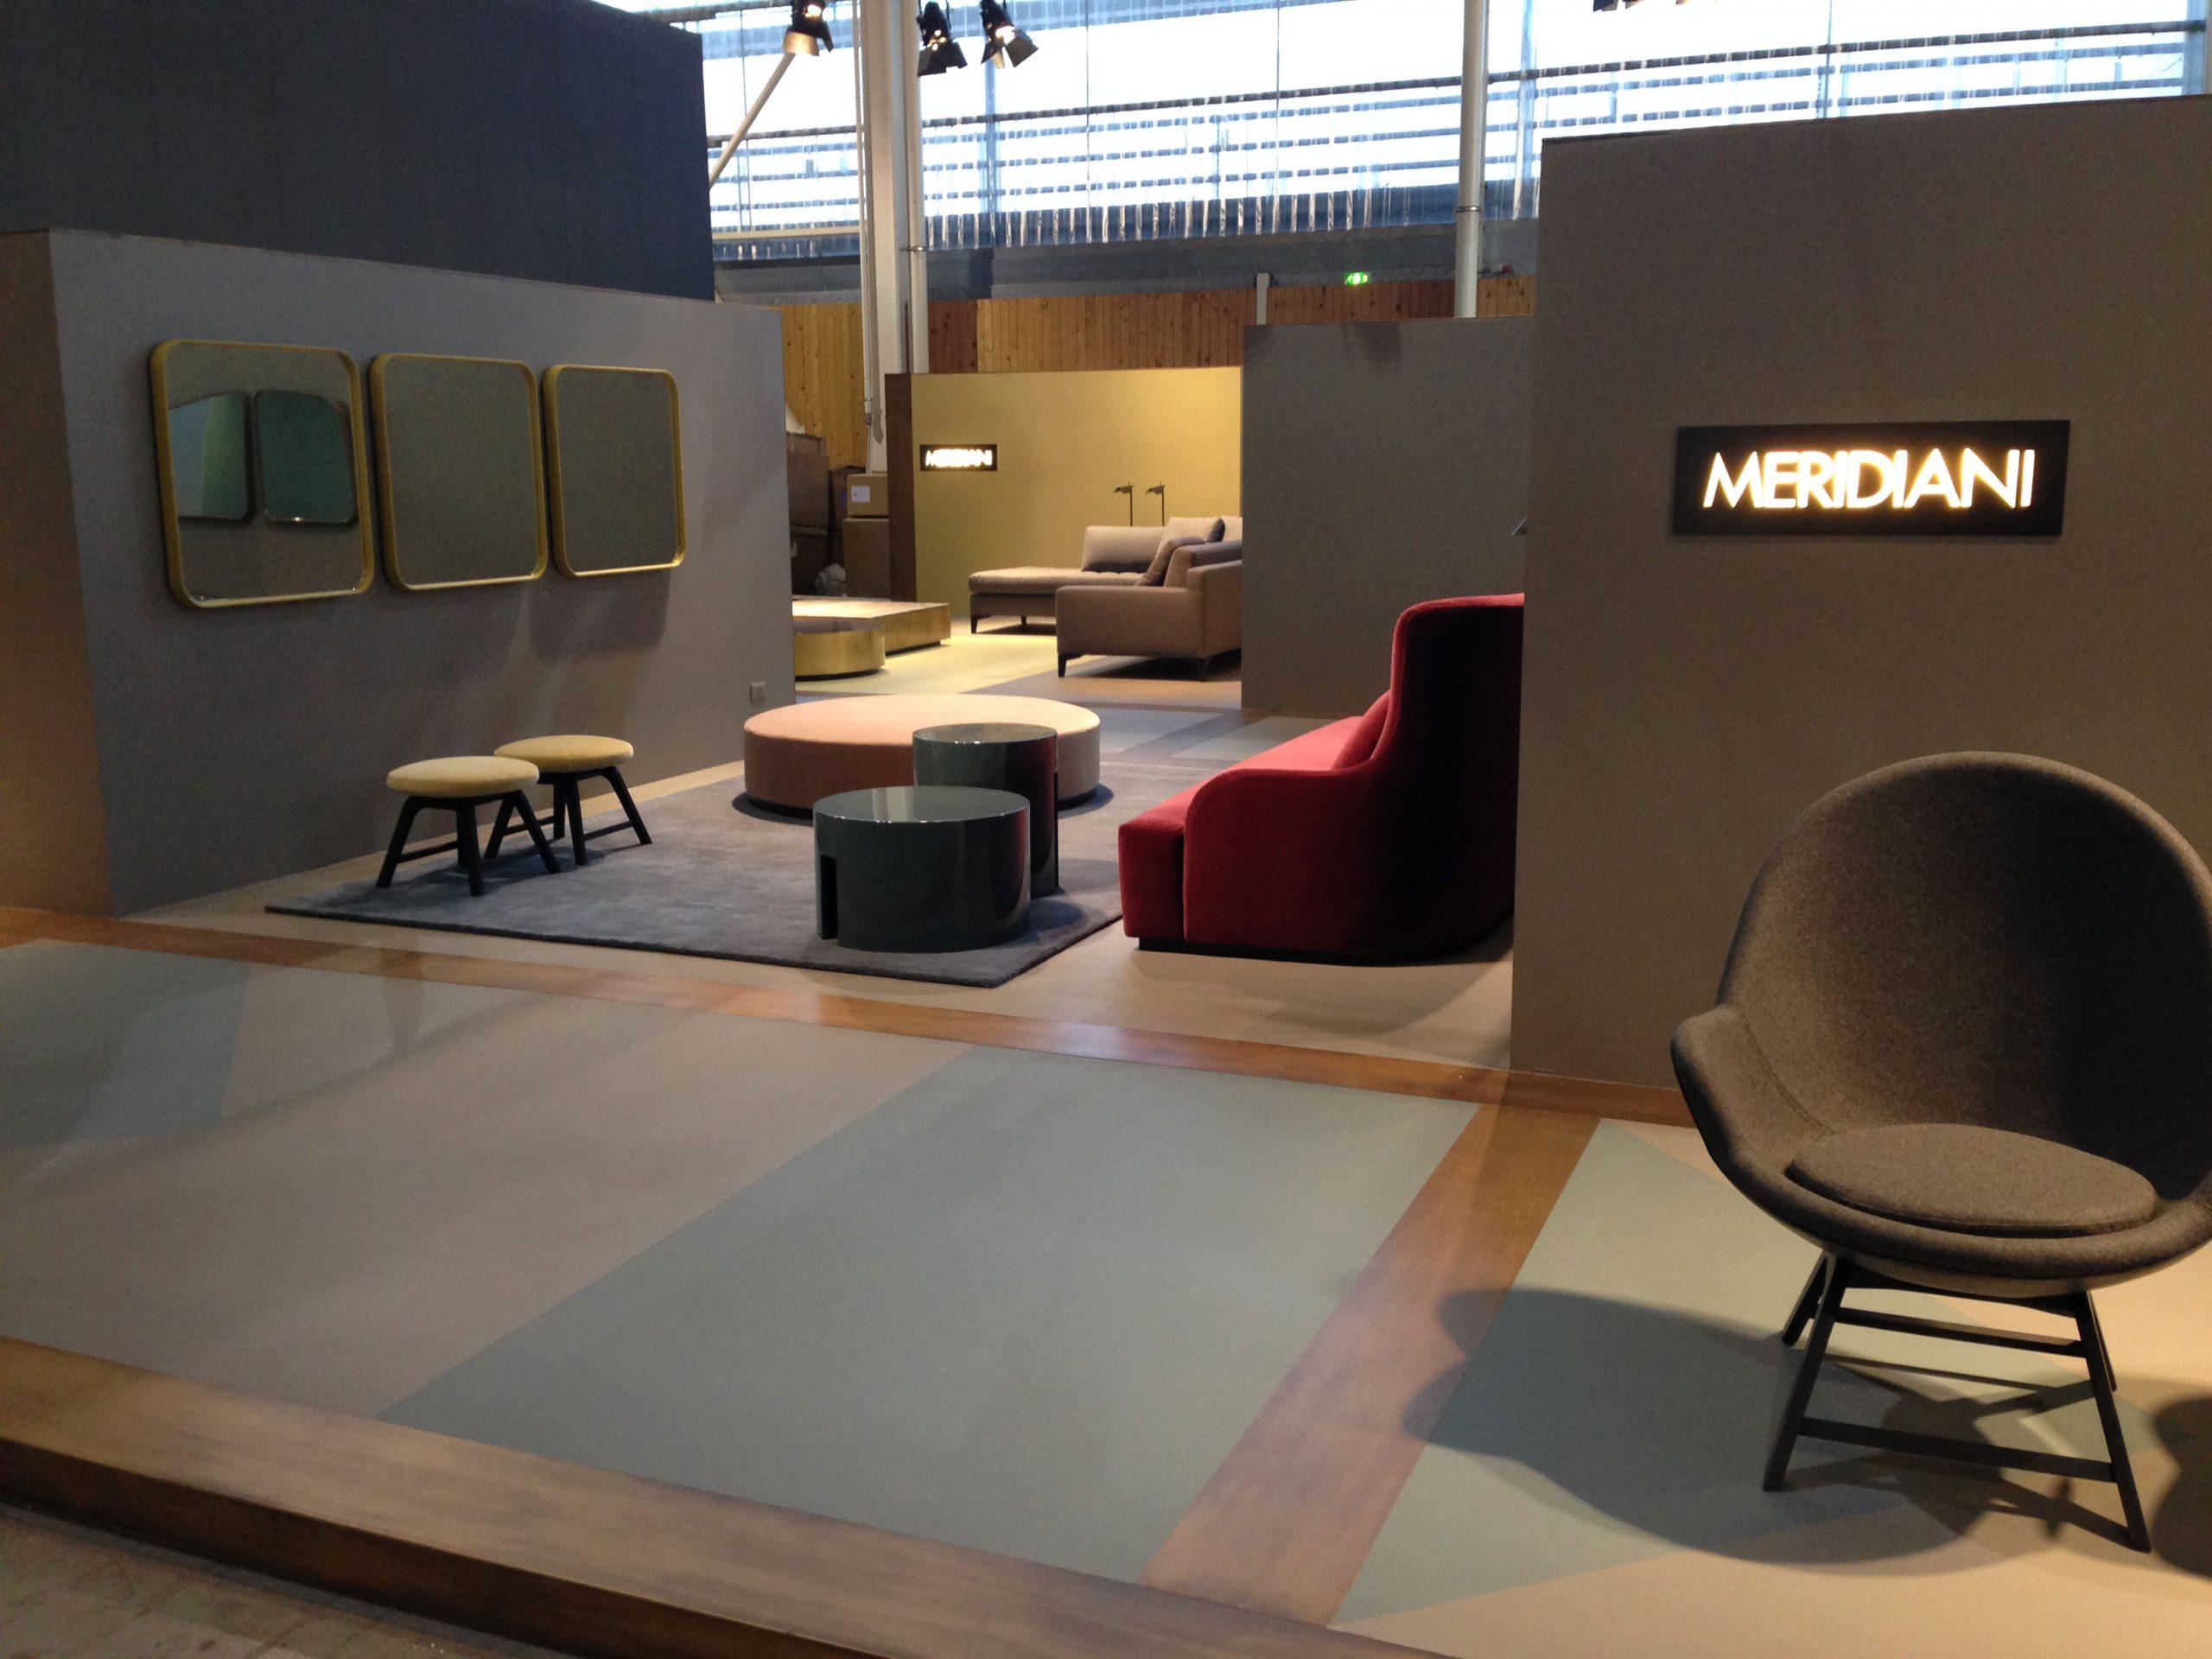 4-Meridiani-M&Obj-2019–Parigi-max